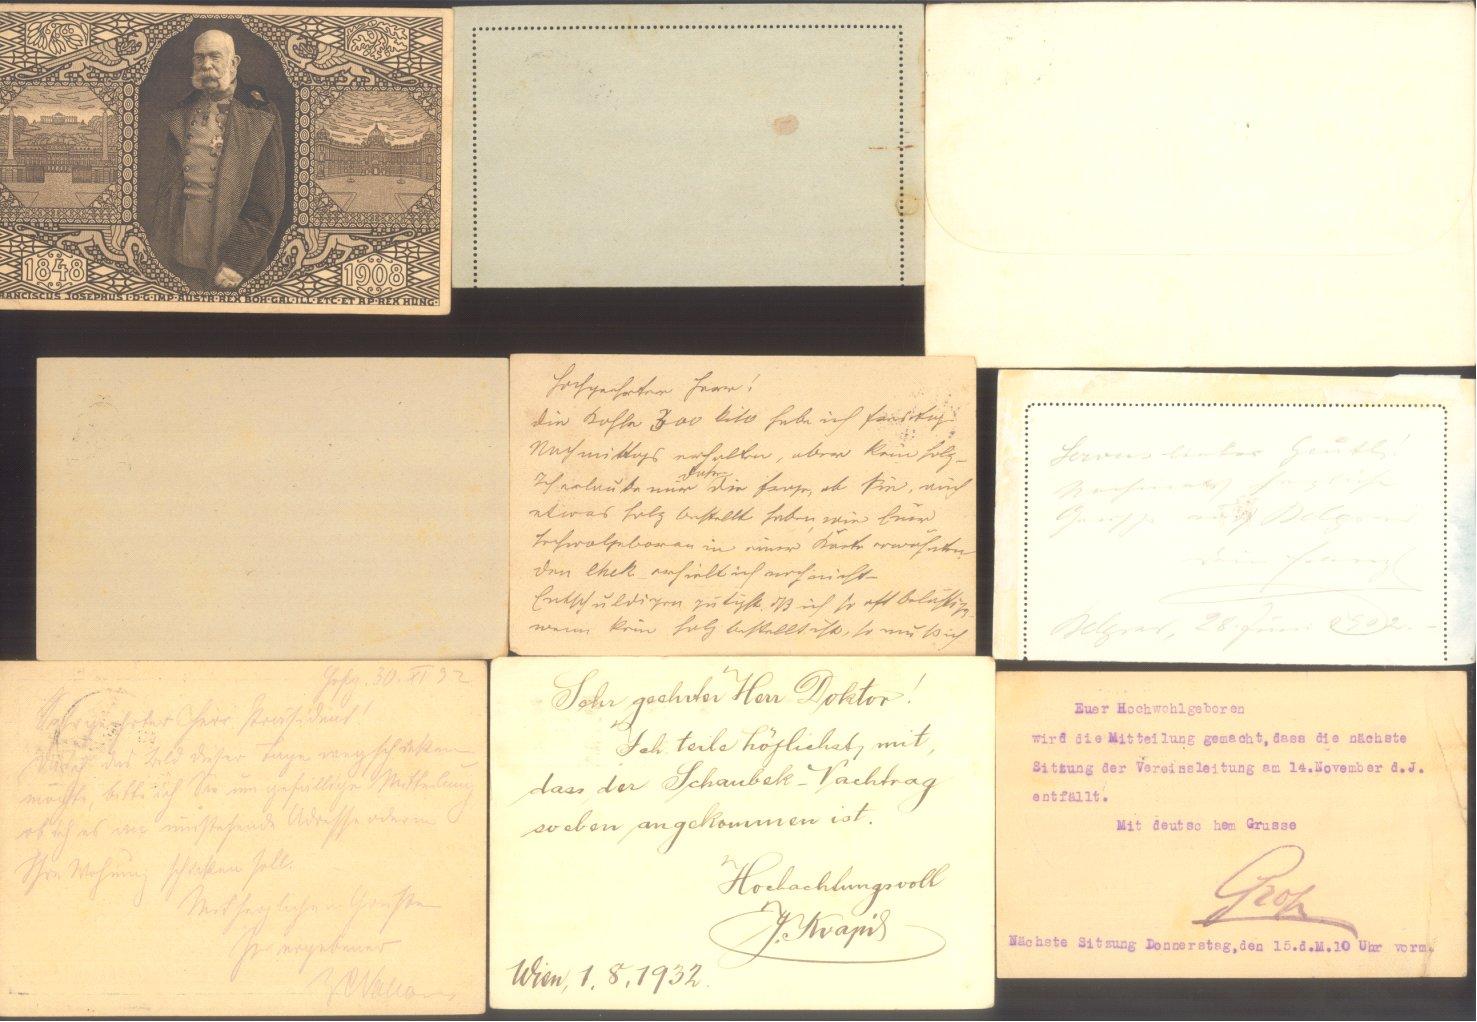 ÖSTERREICH 1883-1921, Belegepartie (auch Motiv DATUM!)-9